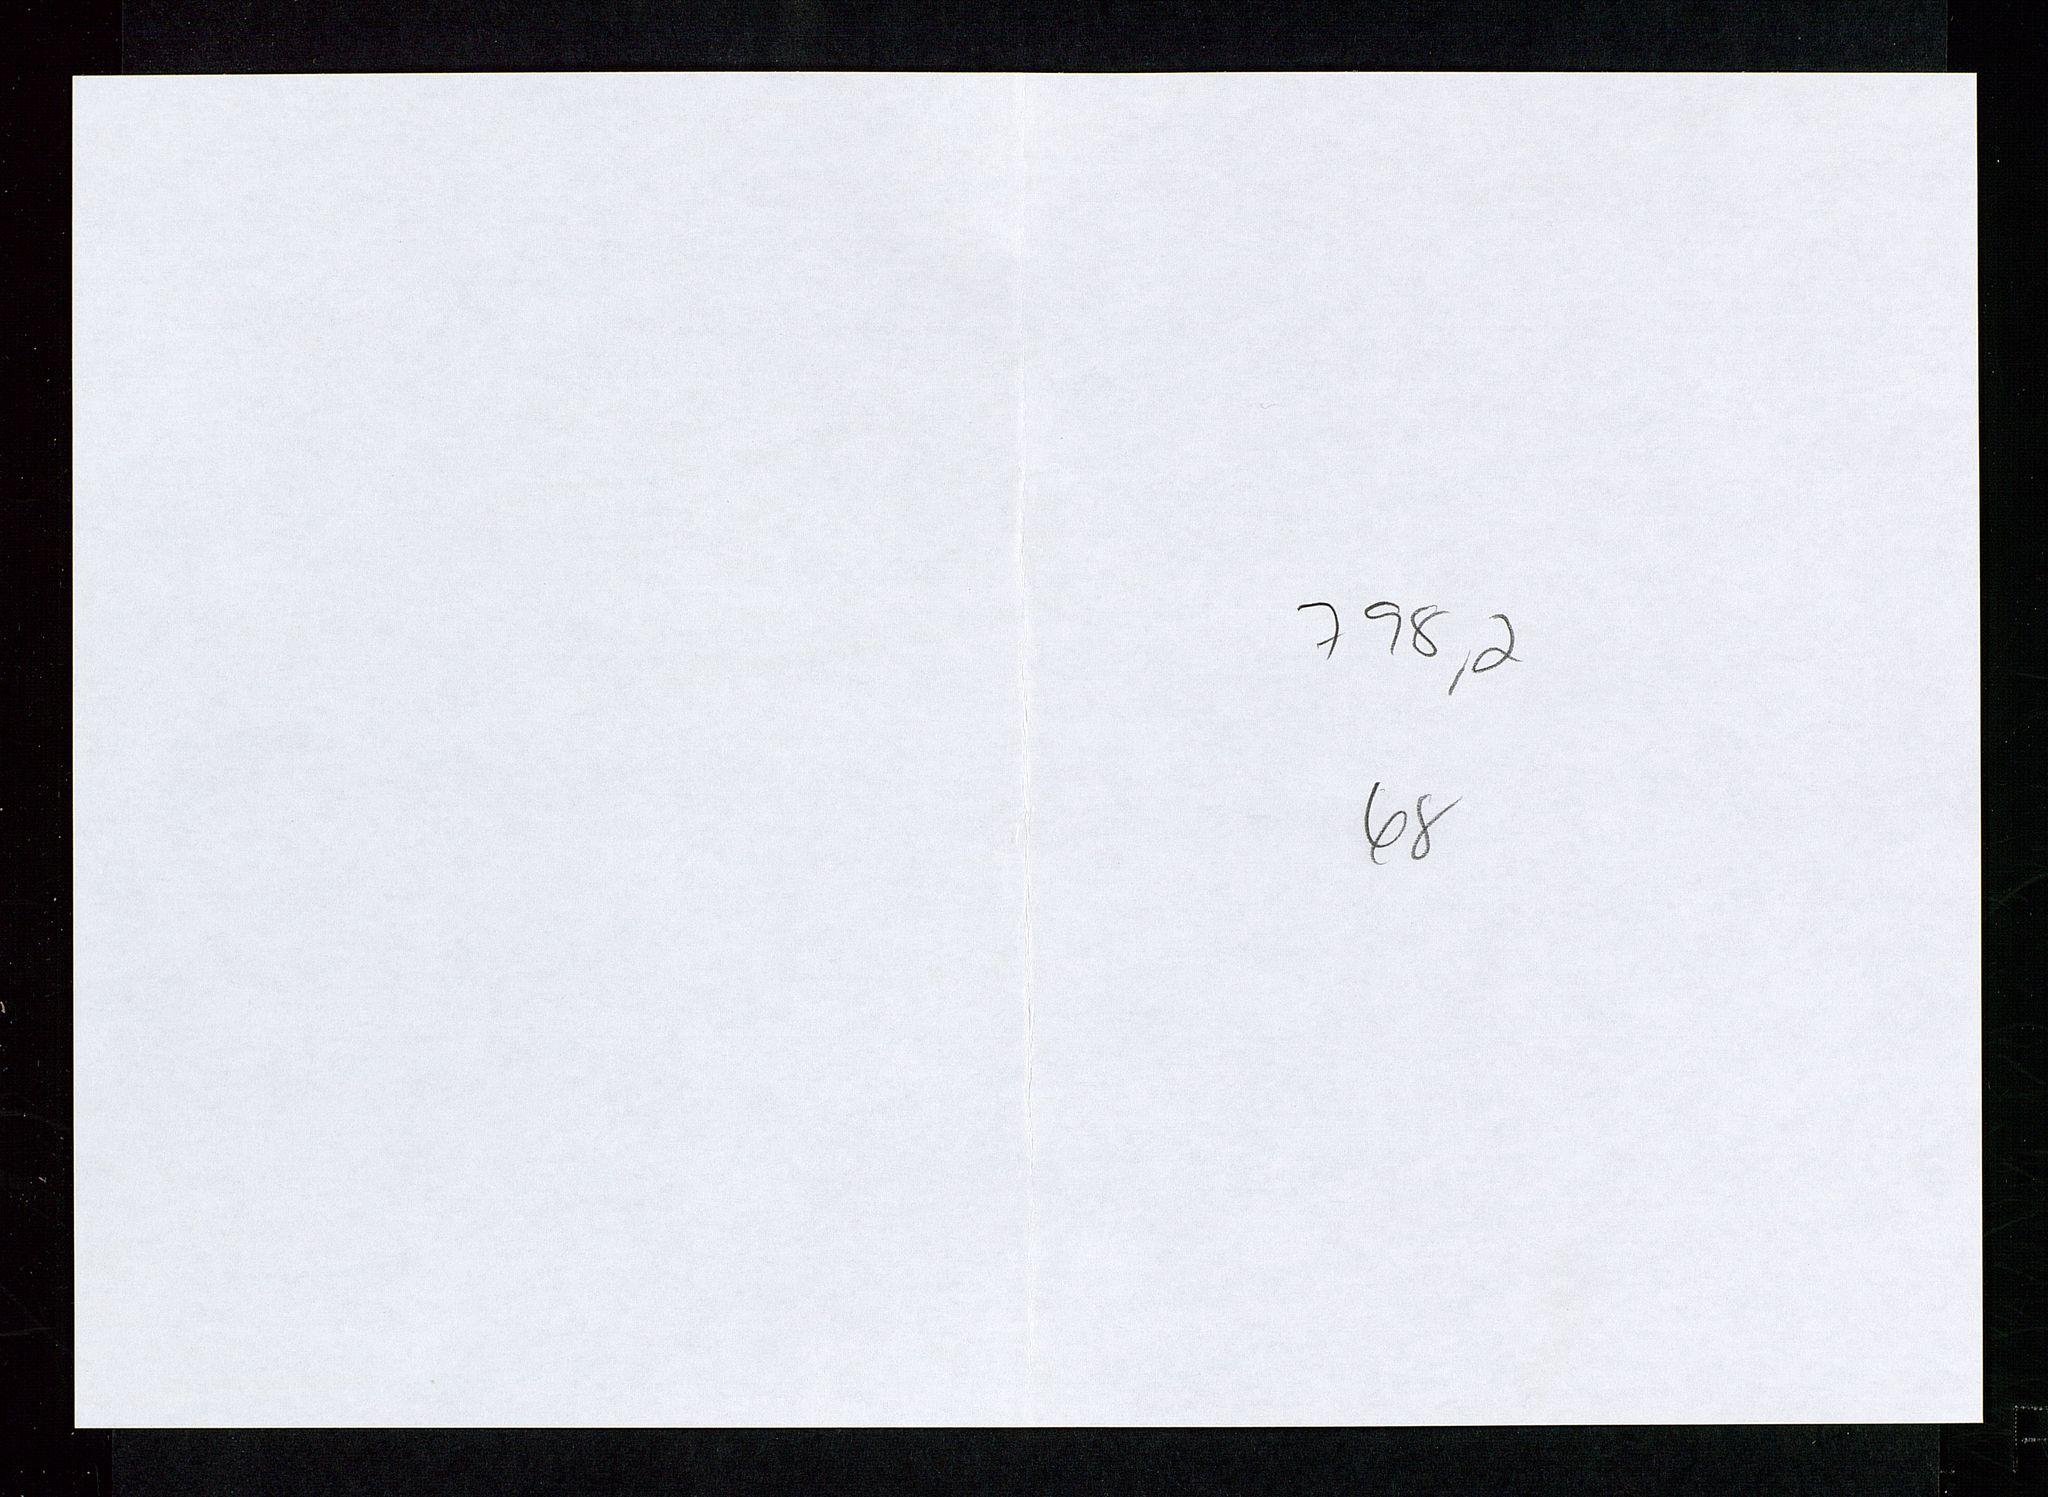 SAST, Industridepartementet, Oljekontoret, Da/L0012: Arkivnøkkel 798 Helikopter, luftfart, telekommunikasjon og skademeldinger/ulykker, 1966-1972, s. 206